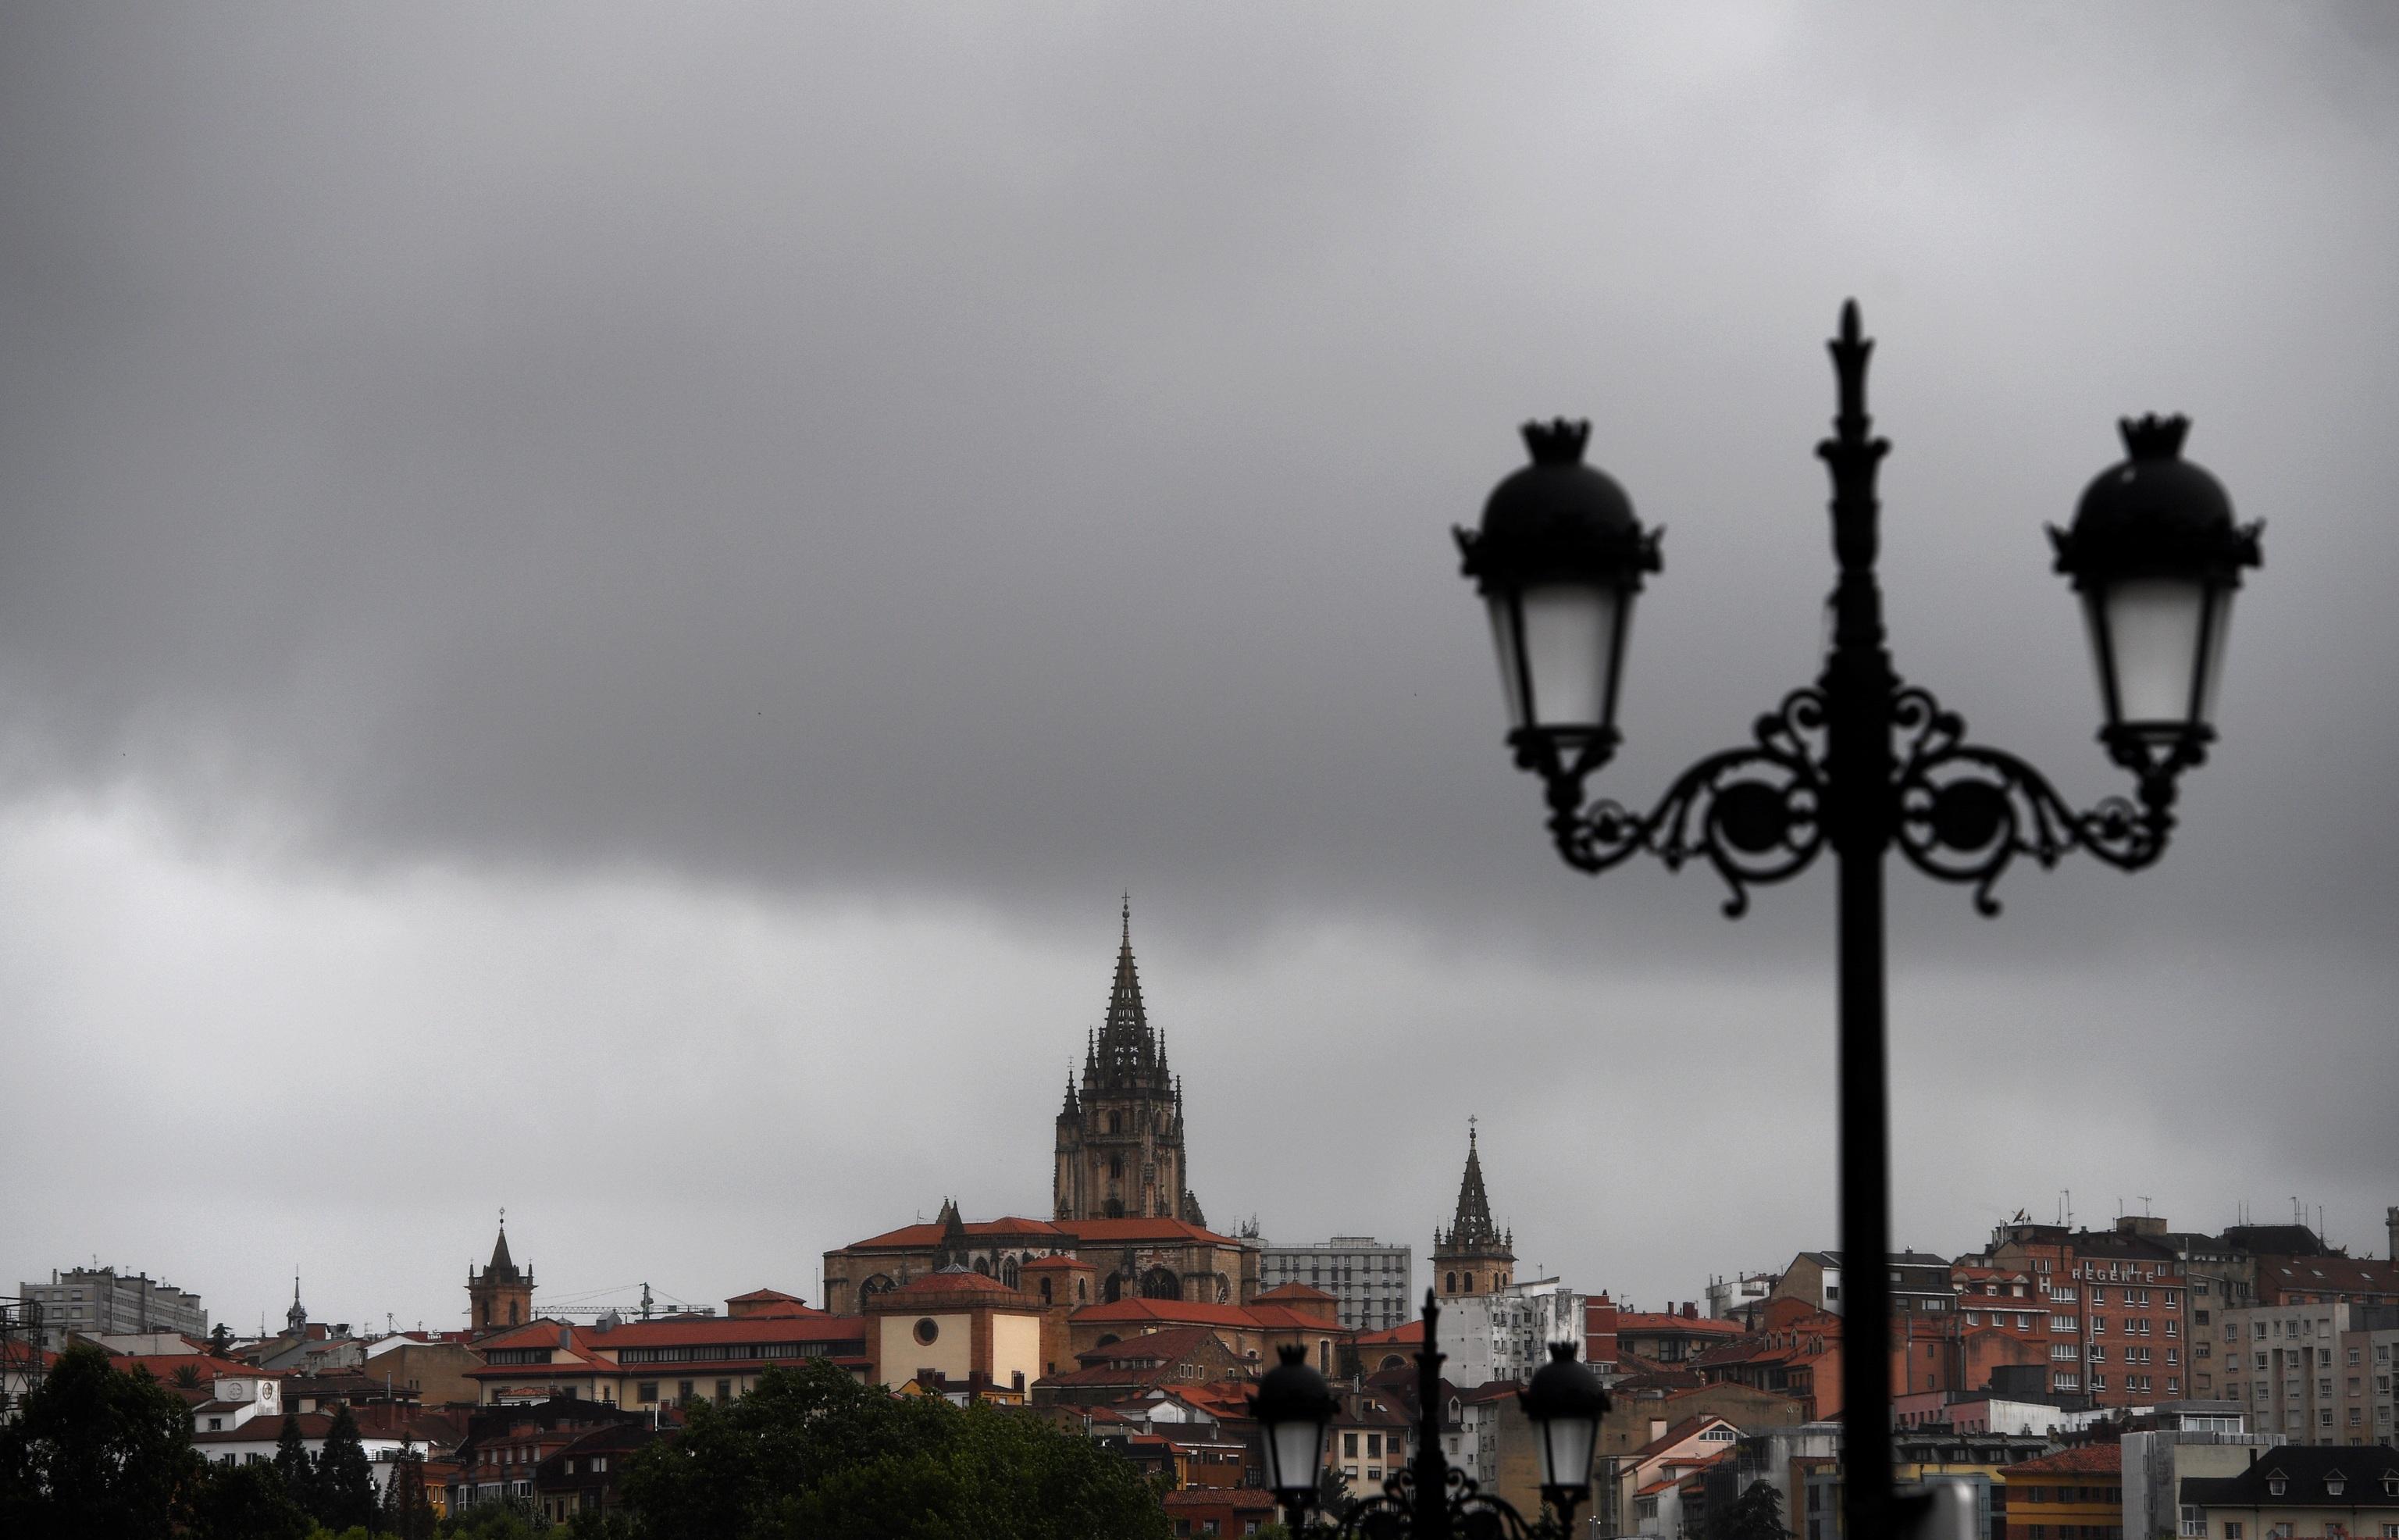 Nubes negras cubren este viernes el cielo de Oviedo. La Agencia Estatal de Meteorología (Aemet) prevé para hoy, viernes, en Asturias brumas y nieblas darán paso a la nubosidad, principalmente en la Cordillera, que propiciará lloviznas en el litoral occidental por la mañana y en el interior por la tarde; las temperaturas tienden a descender, más en el interior.